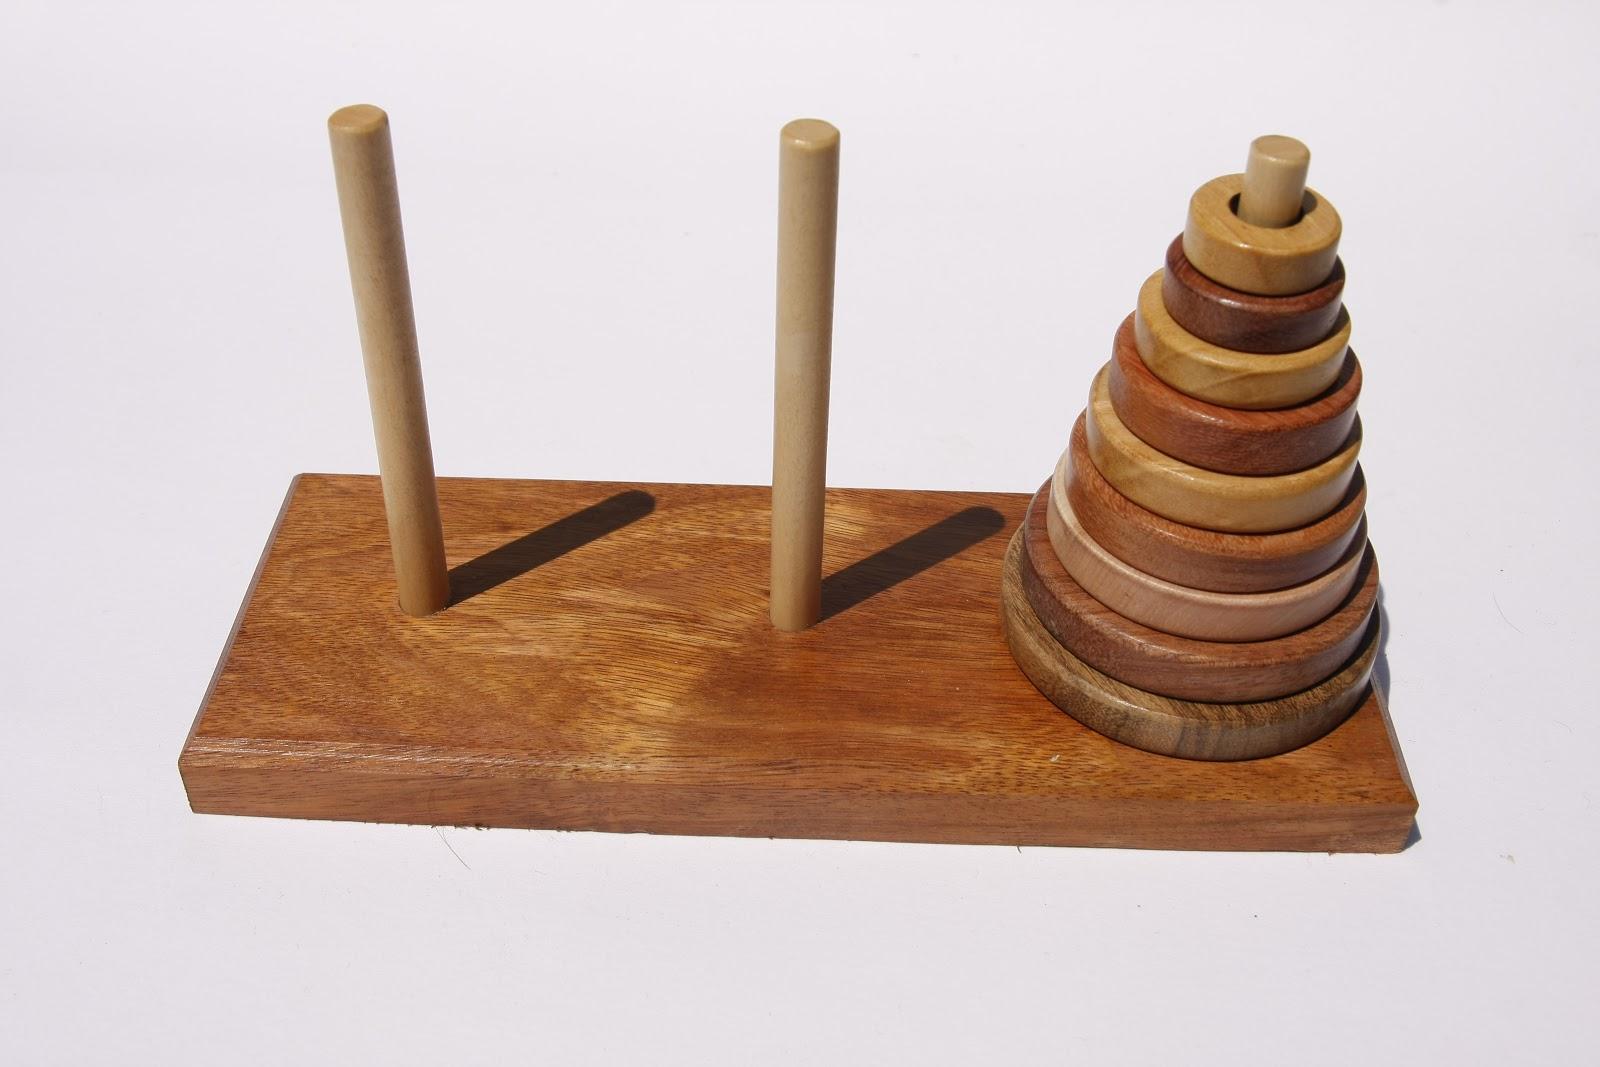 Jeux et enigmes en bois La tour de Hanoi neufétages et six essences de bois # Jeux Casse Tete Chinois En Bois